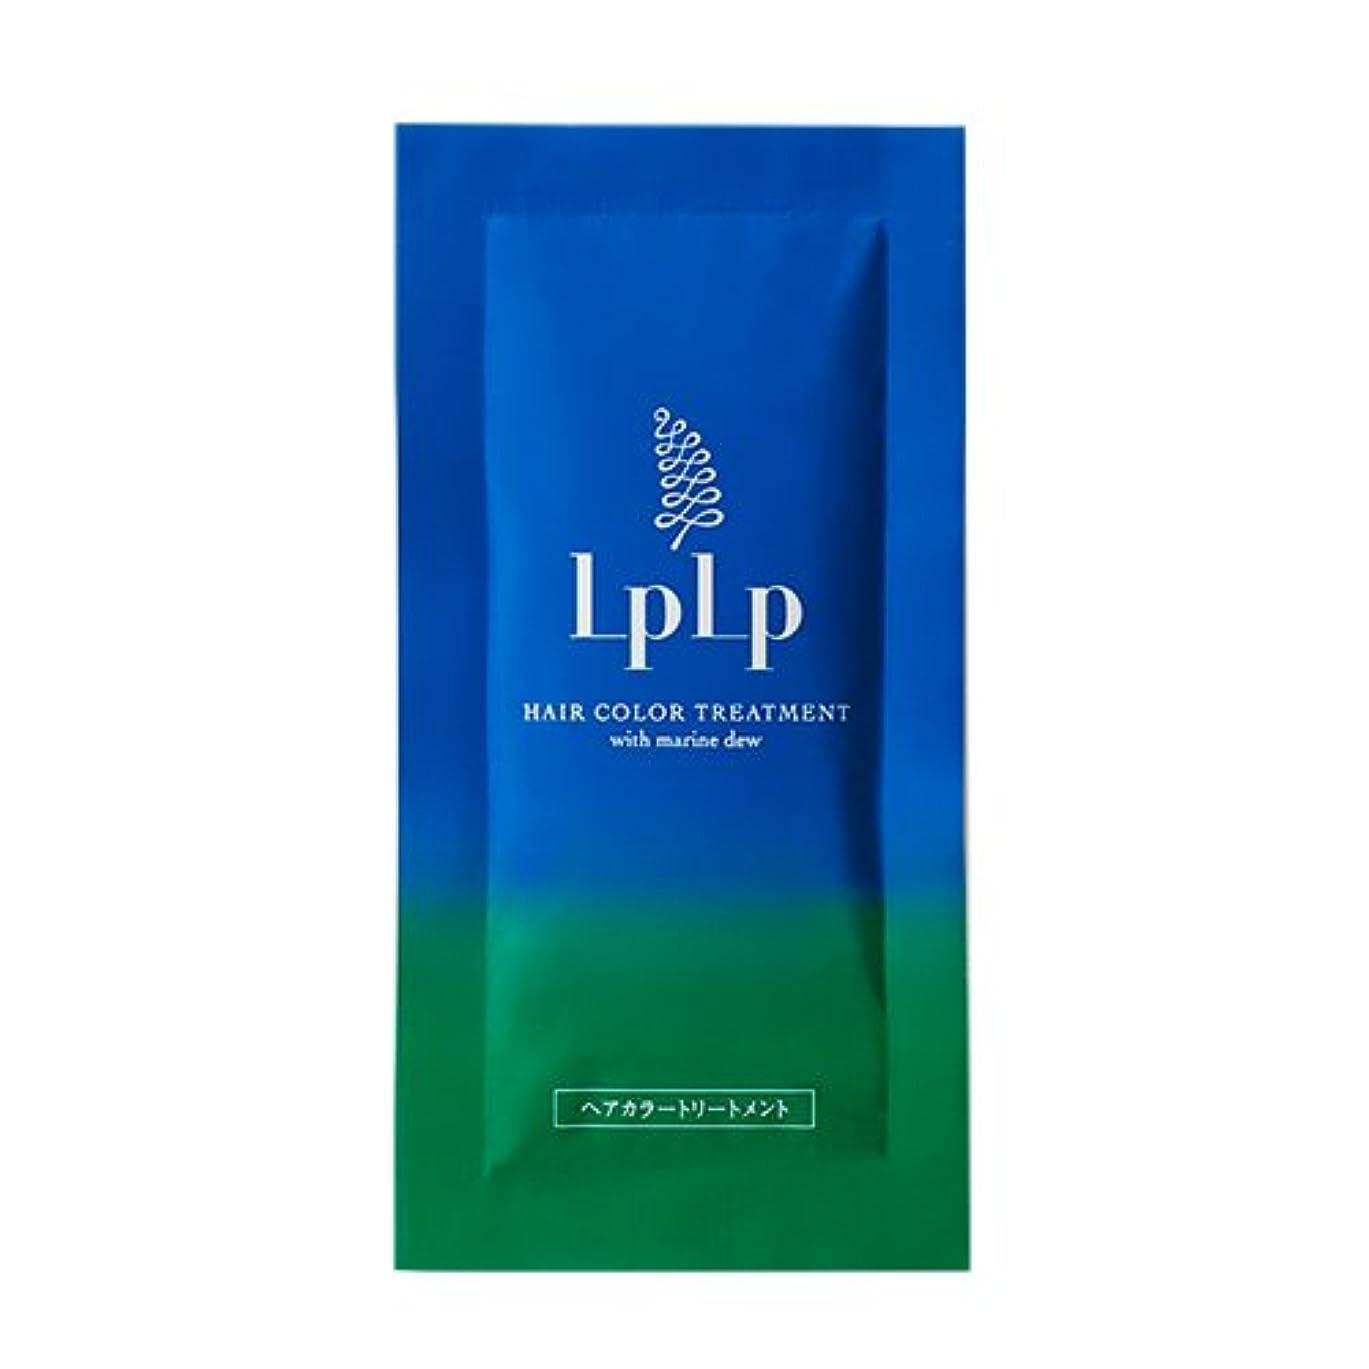 満足できるミシン静かにLPLP(ルプルプ)ヘアカラートリートメントお試しパウチ モカブラウン